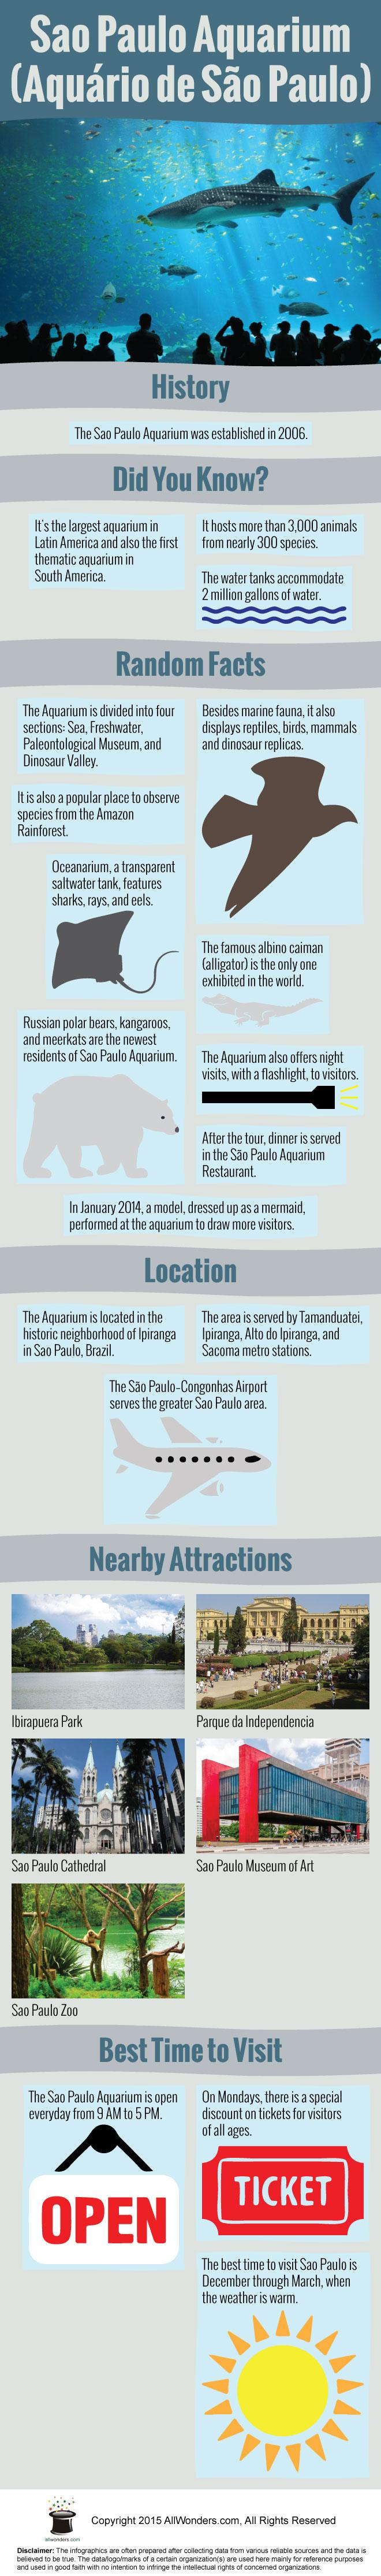 Sao Paulo Aquarium Infographic